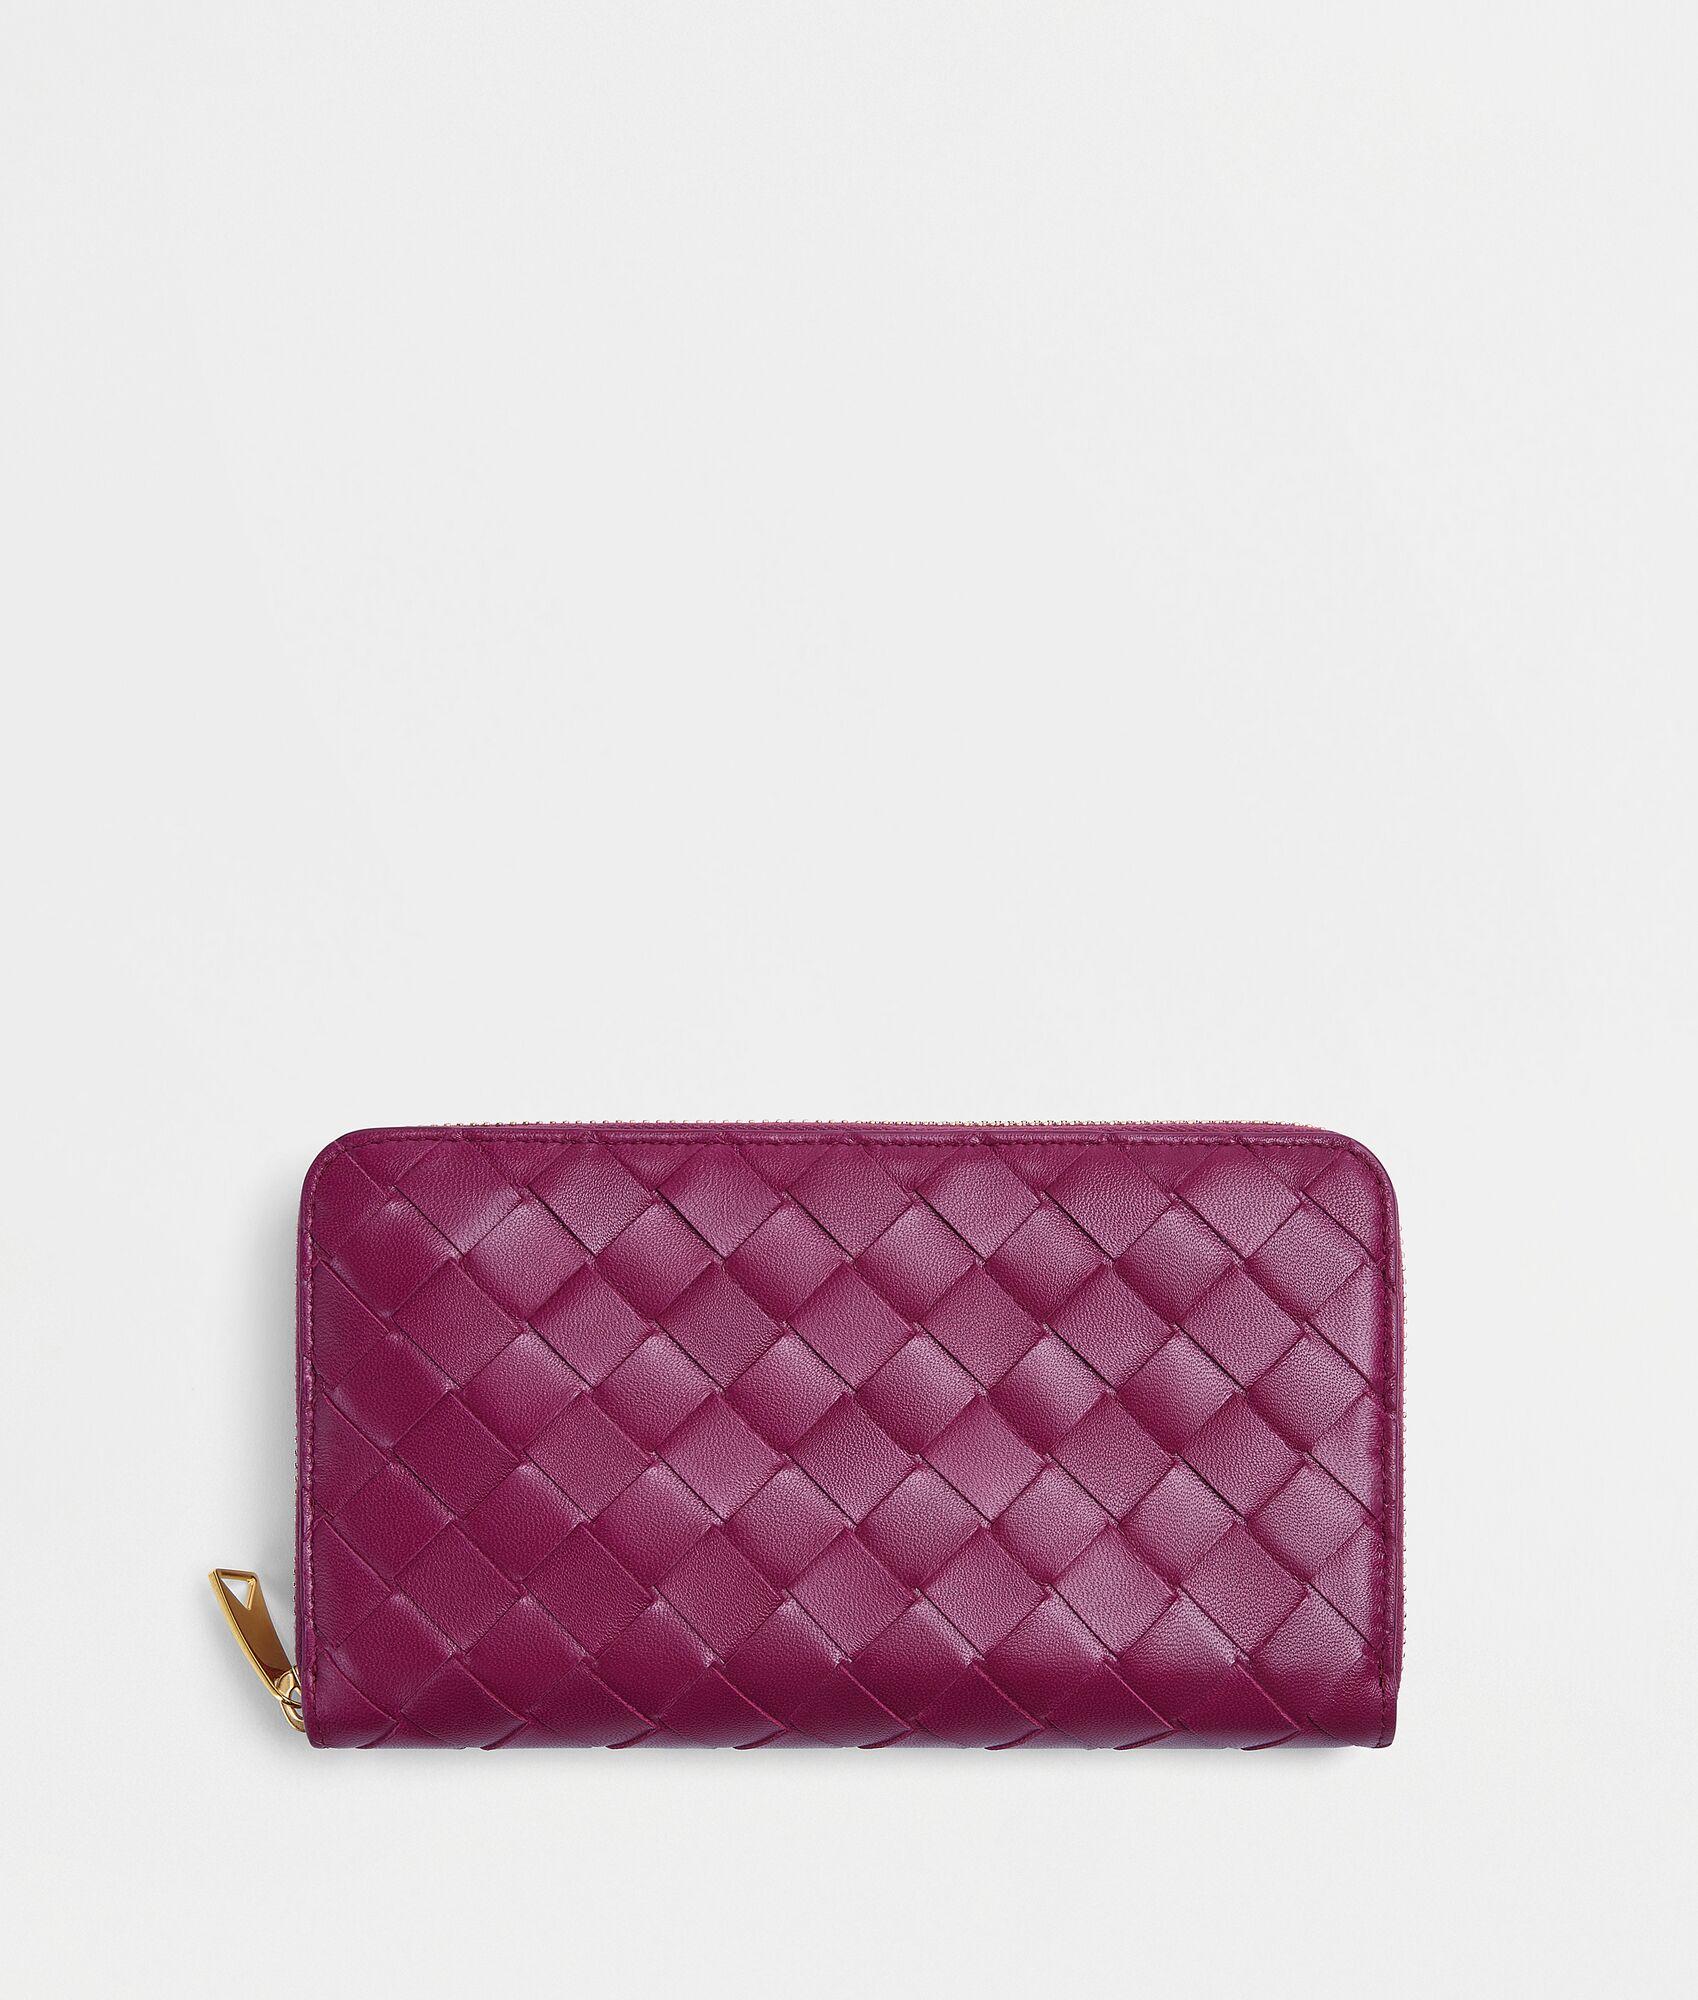 30代に人気のボッテガの財布